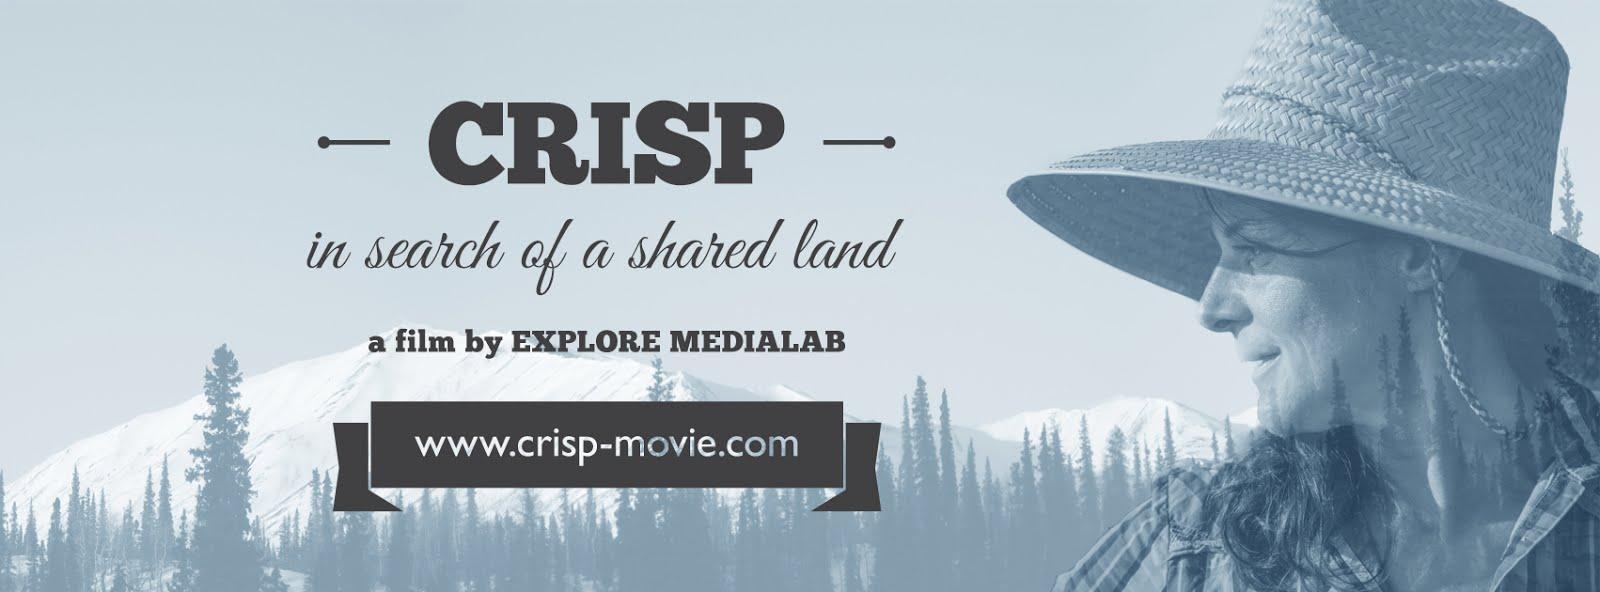 Crisp is real!!